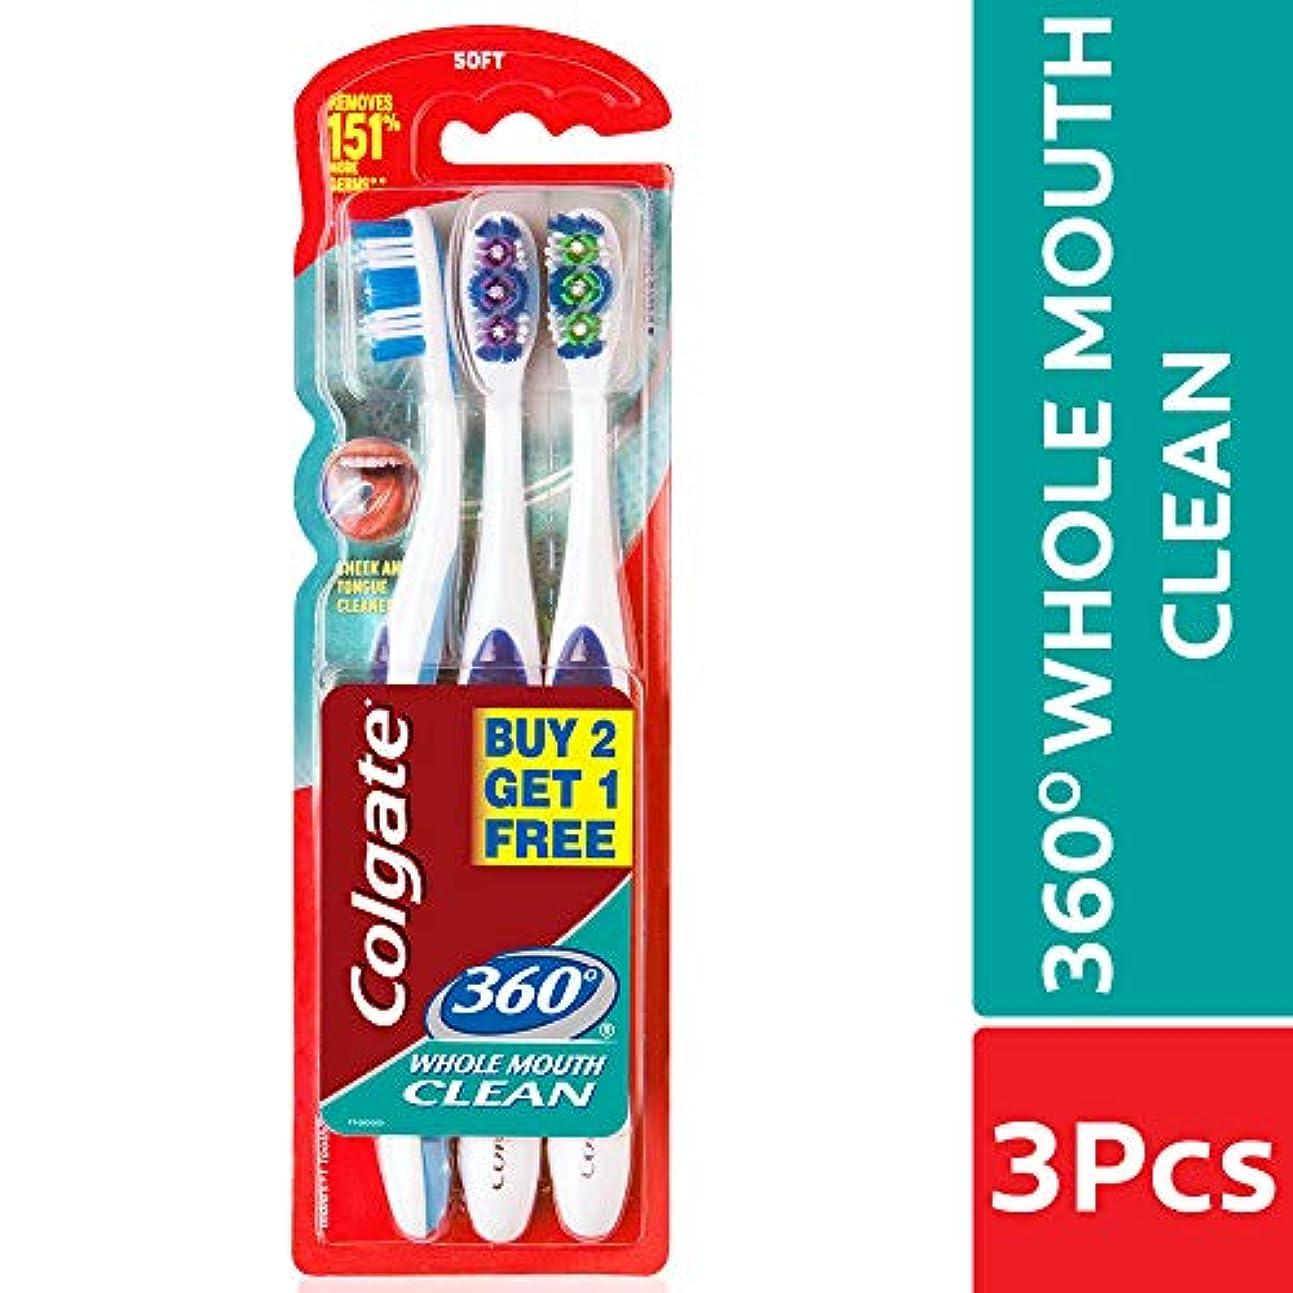 粘り強い知覚する補充Colgate 360 whole mouth clean (MEDIUM) toothbrush (3pc pack)